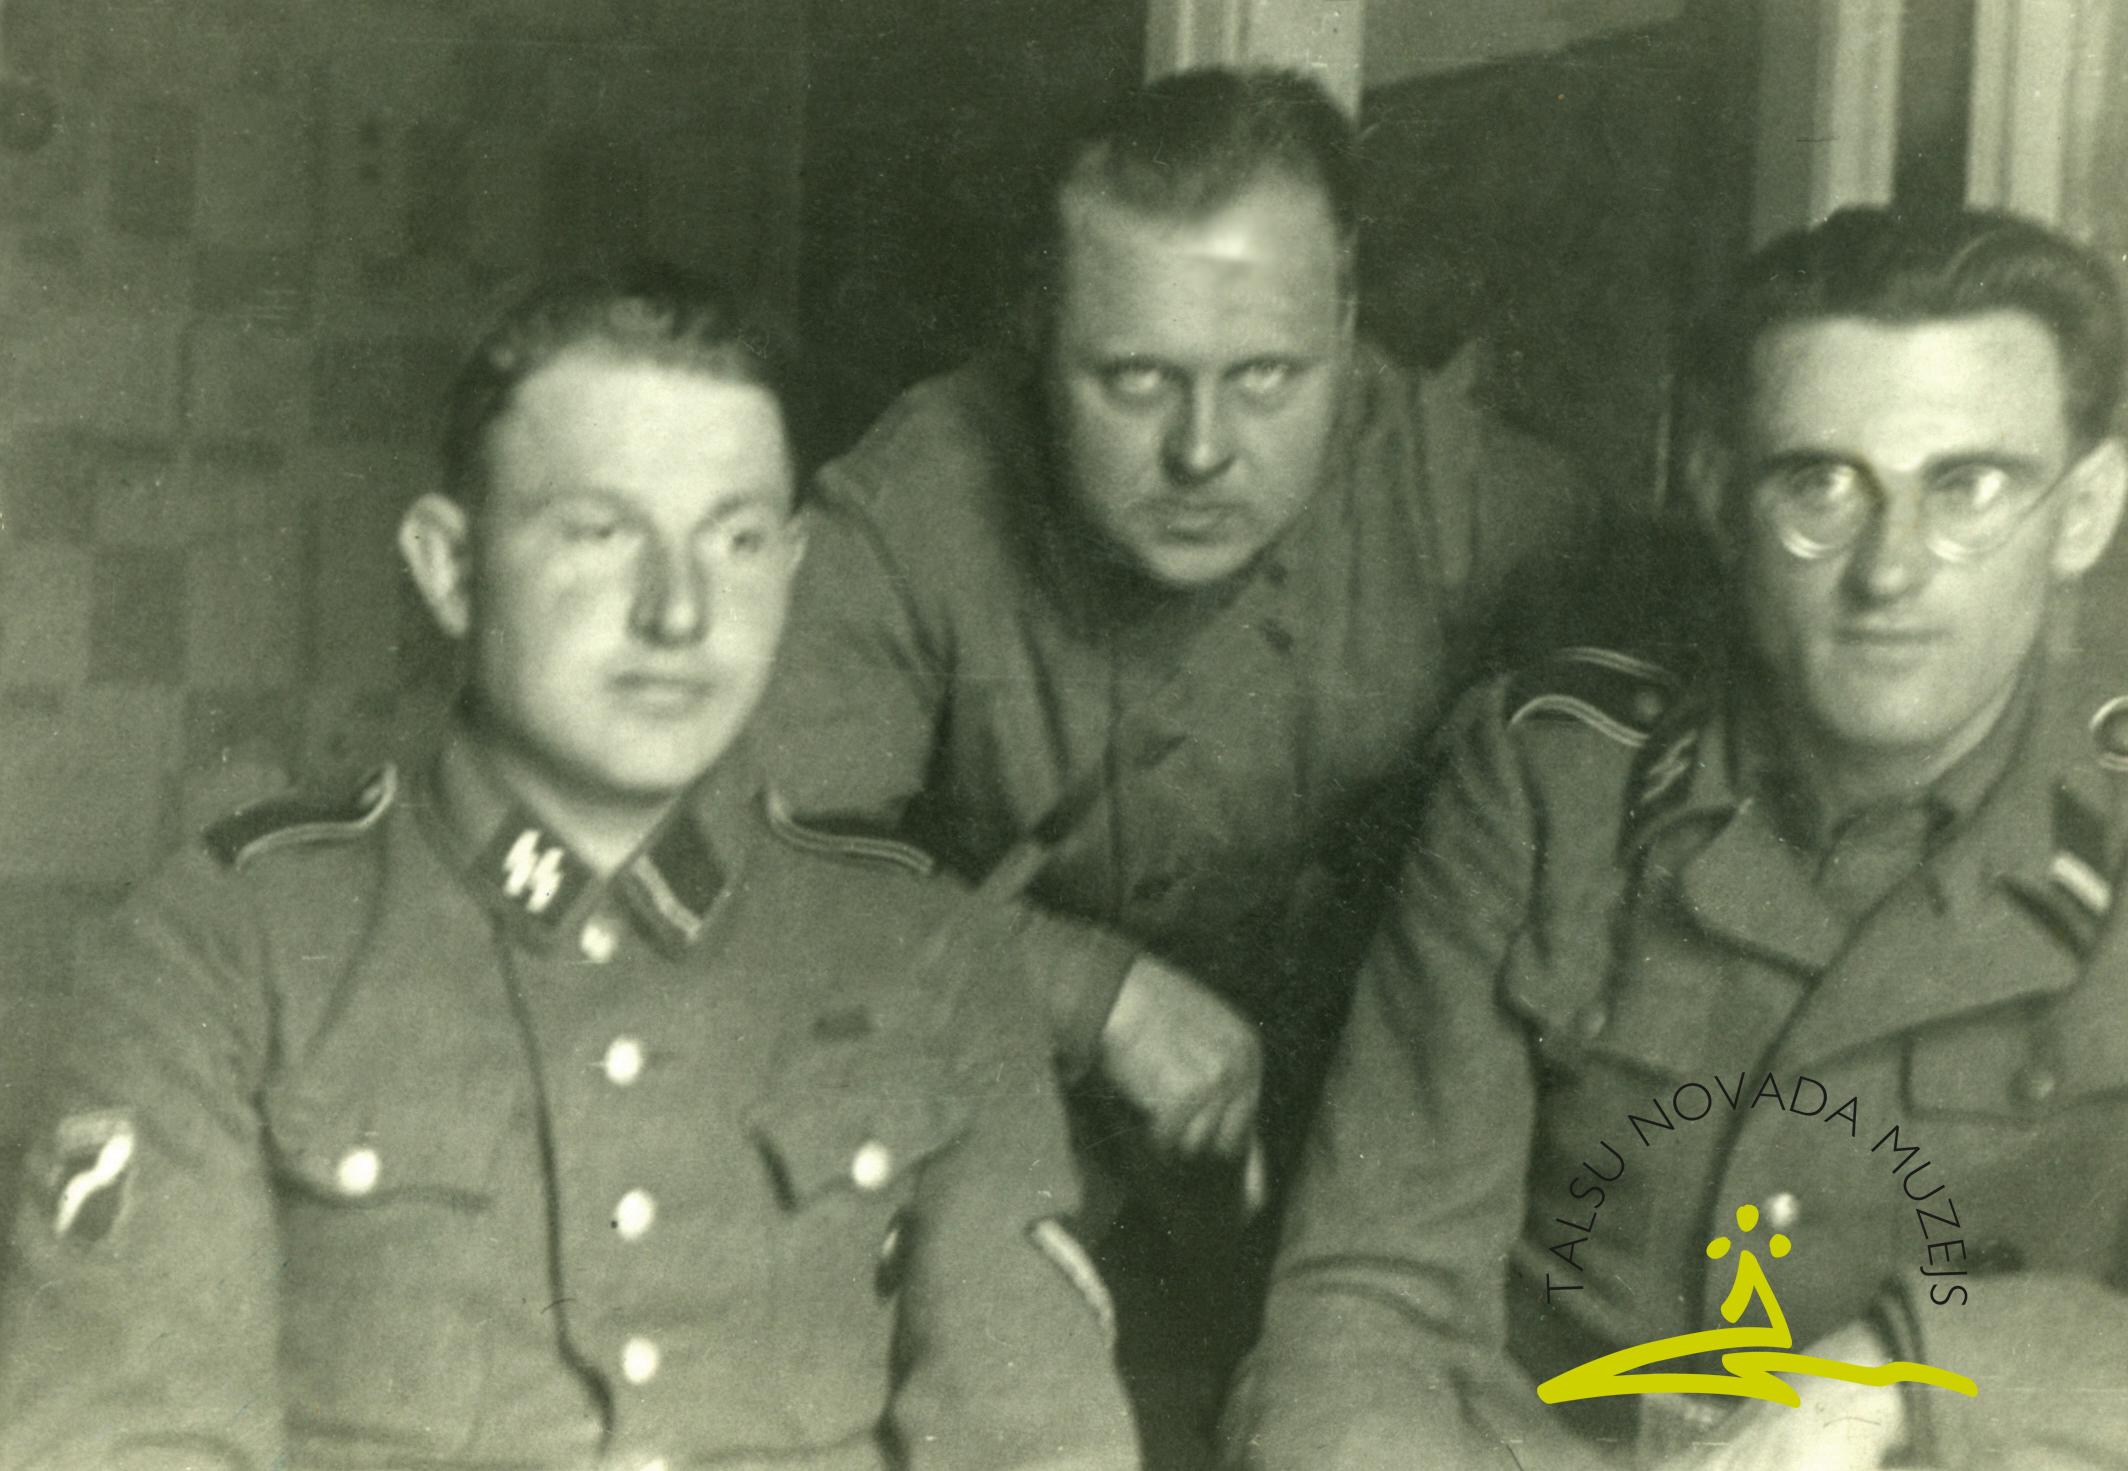 Brīvprātīgie leģionāri austrumu frontē ap 1943. gadu. 1. no kreisās Kārlis Tigulis, vidū Jānis Kalniņš, 3. Leons Jansons